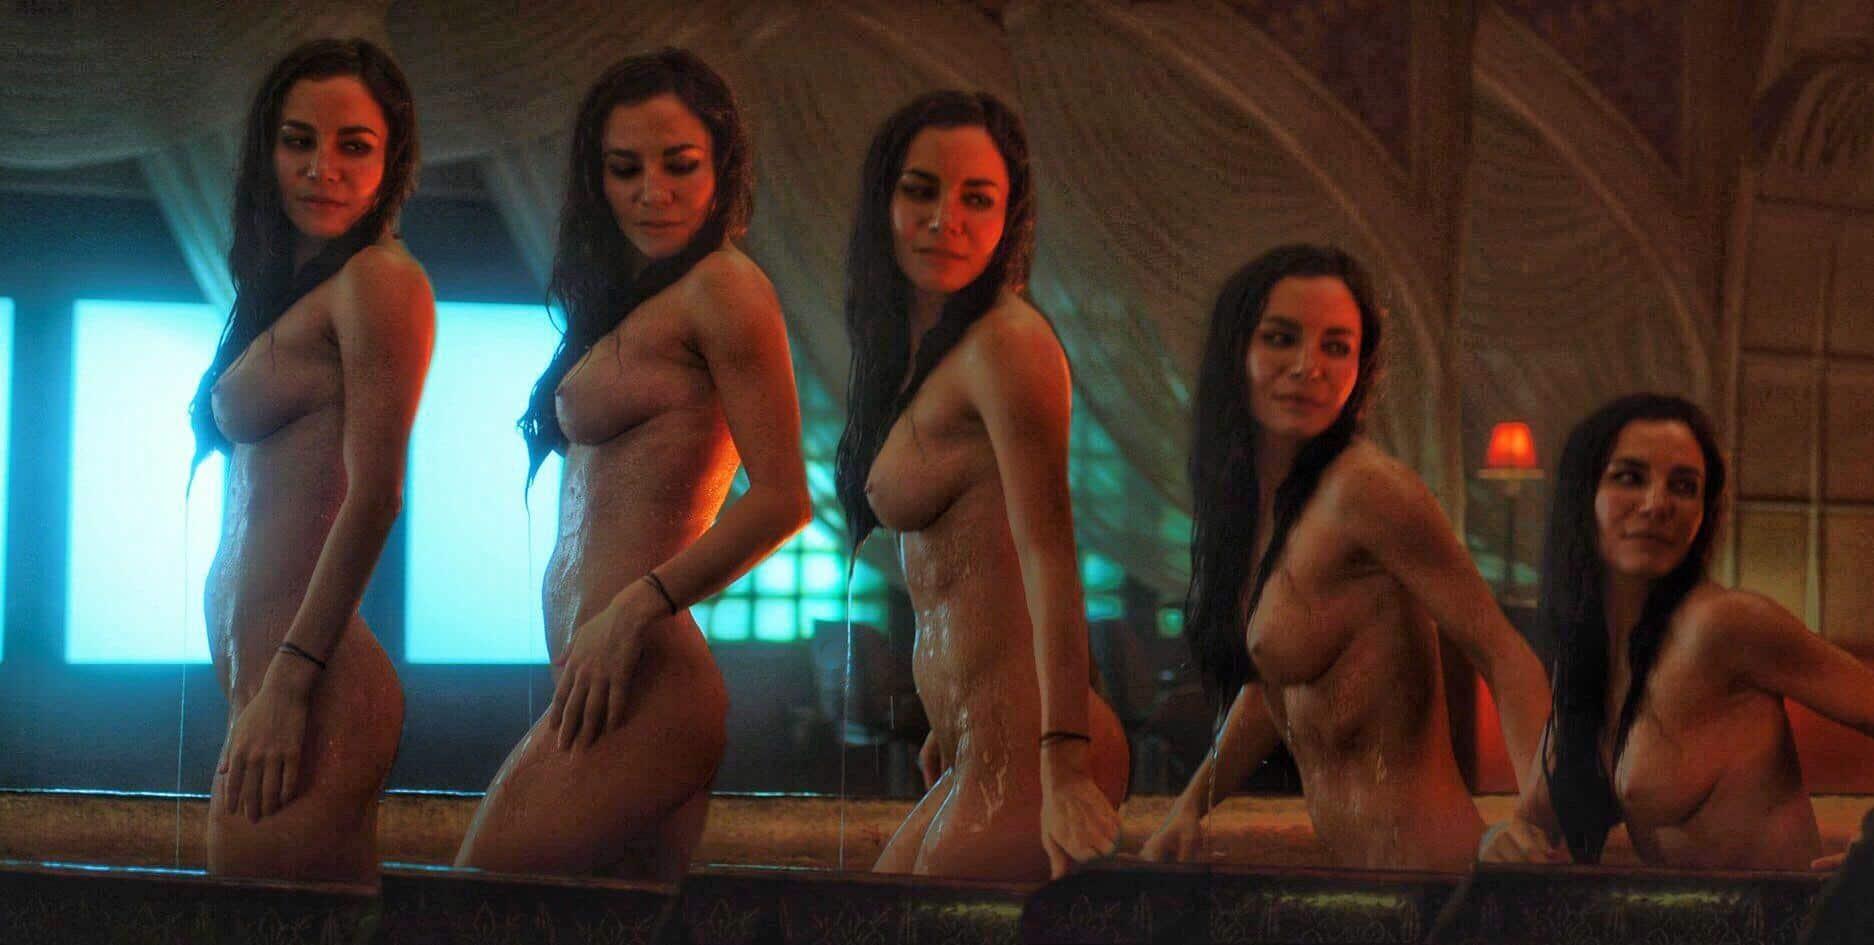 American Pie 5 Nude Scenes martha higareda nude scenes! mexican milf *exposed*